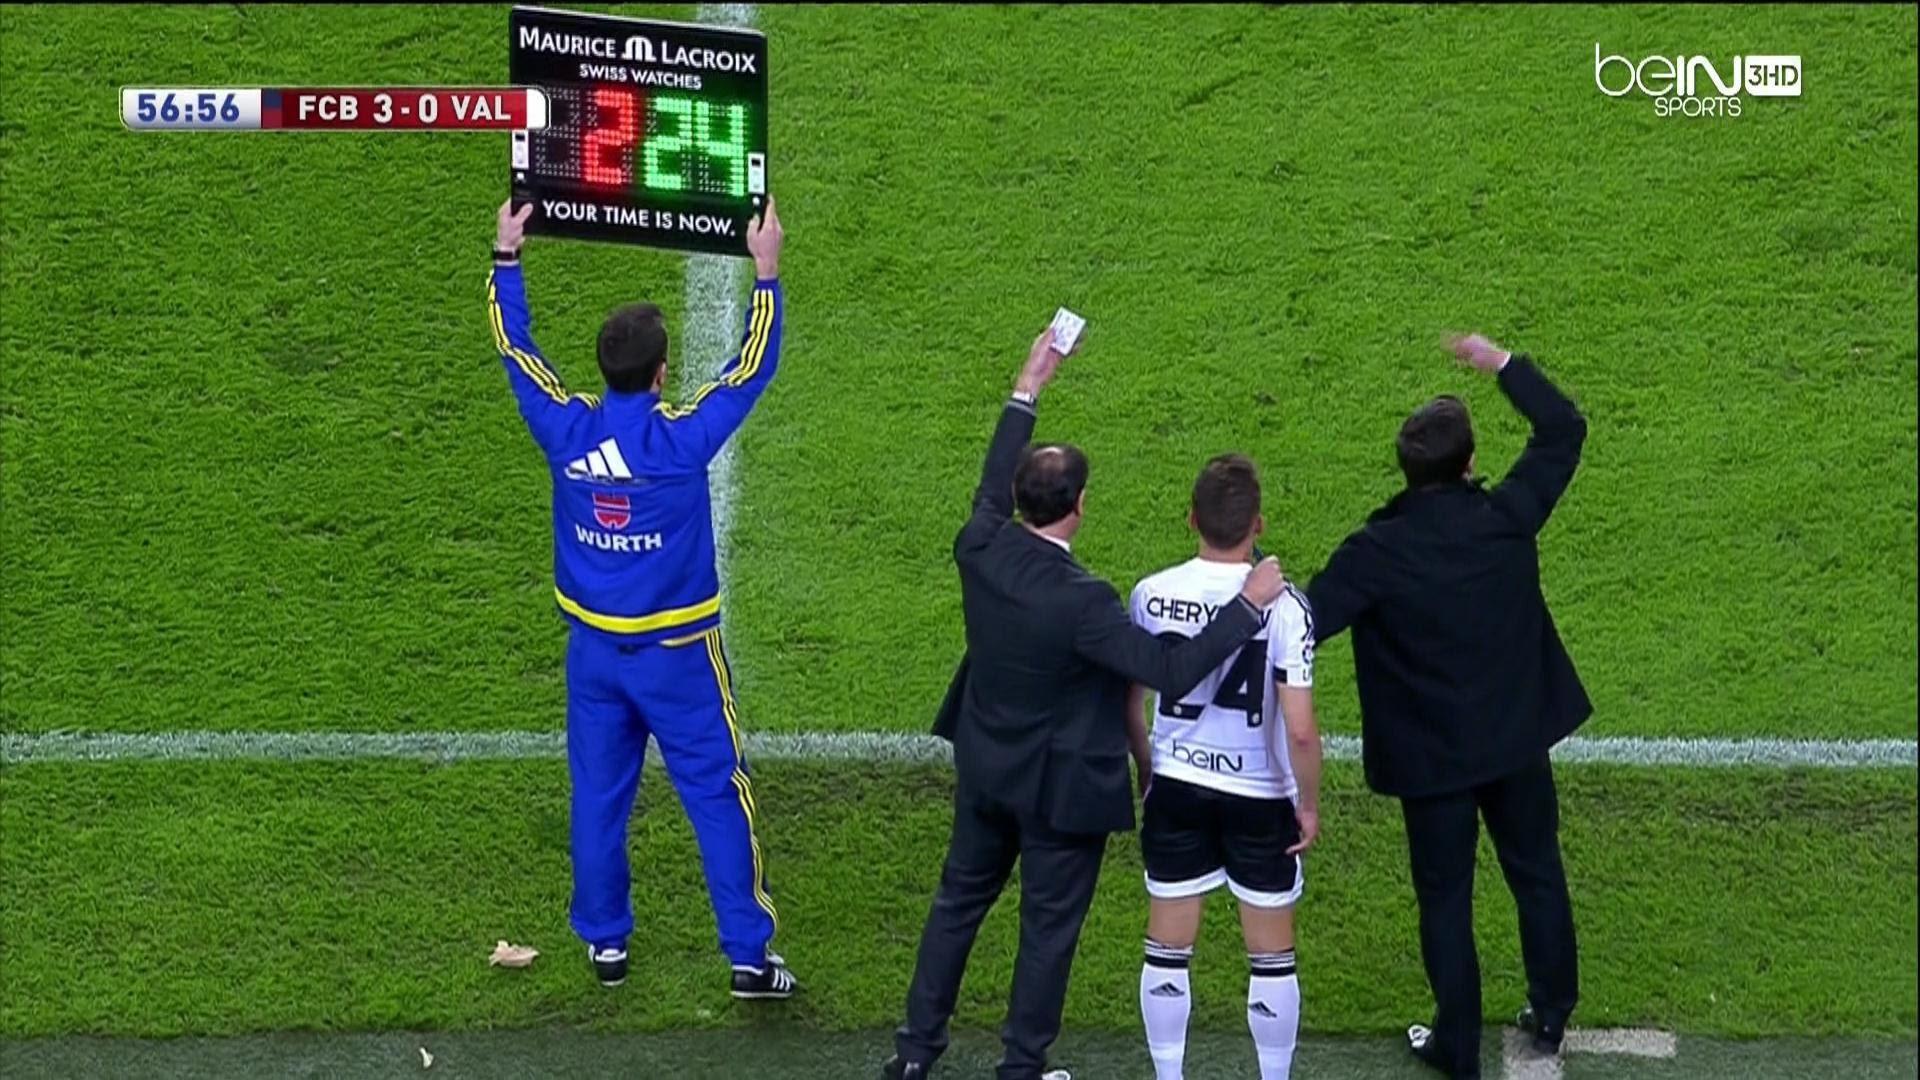 Barcelona Fans Give Madrid Loanee Denis Cheryshev Huge Cheer At Camp Nou